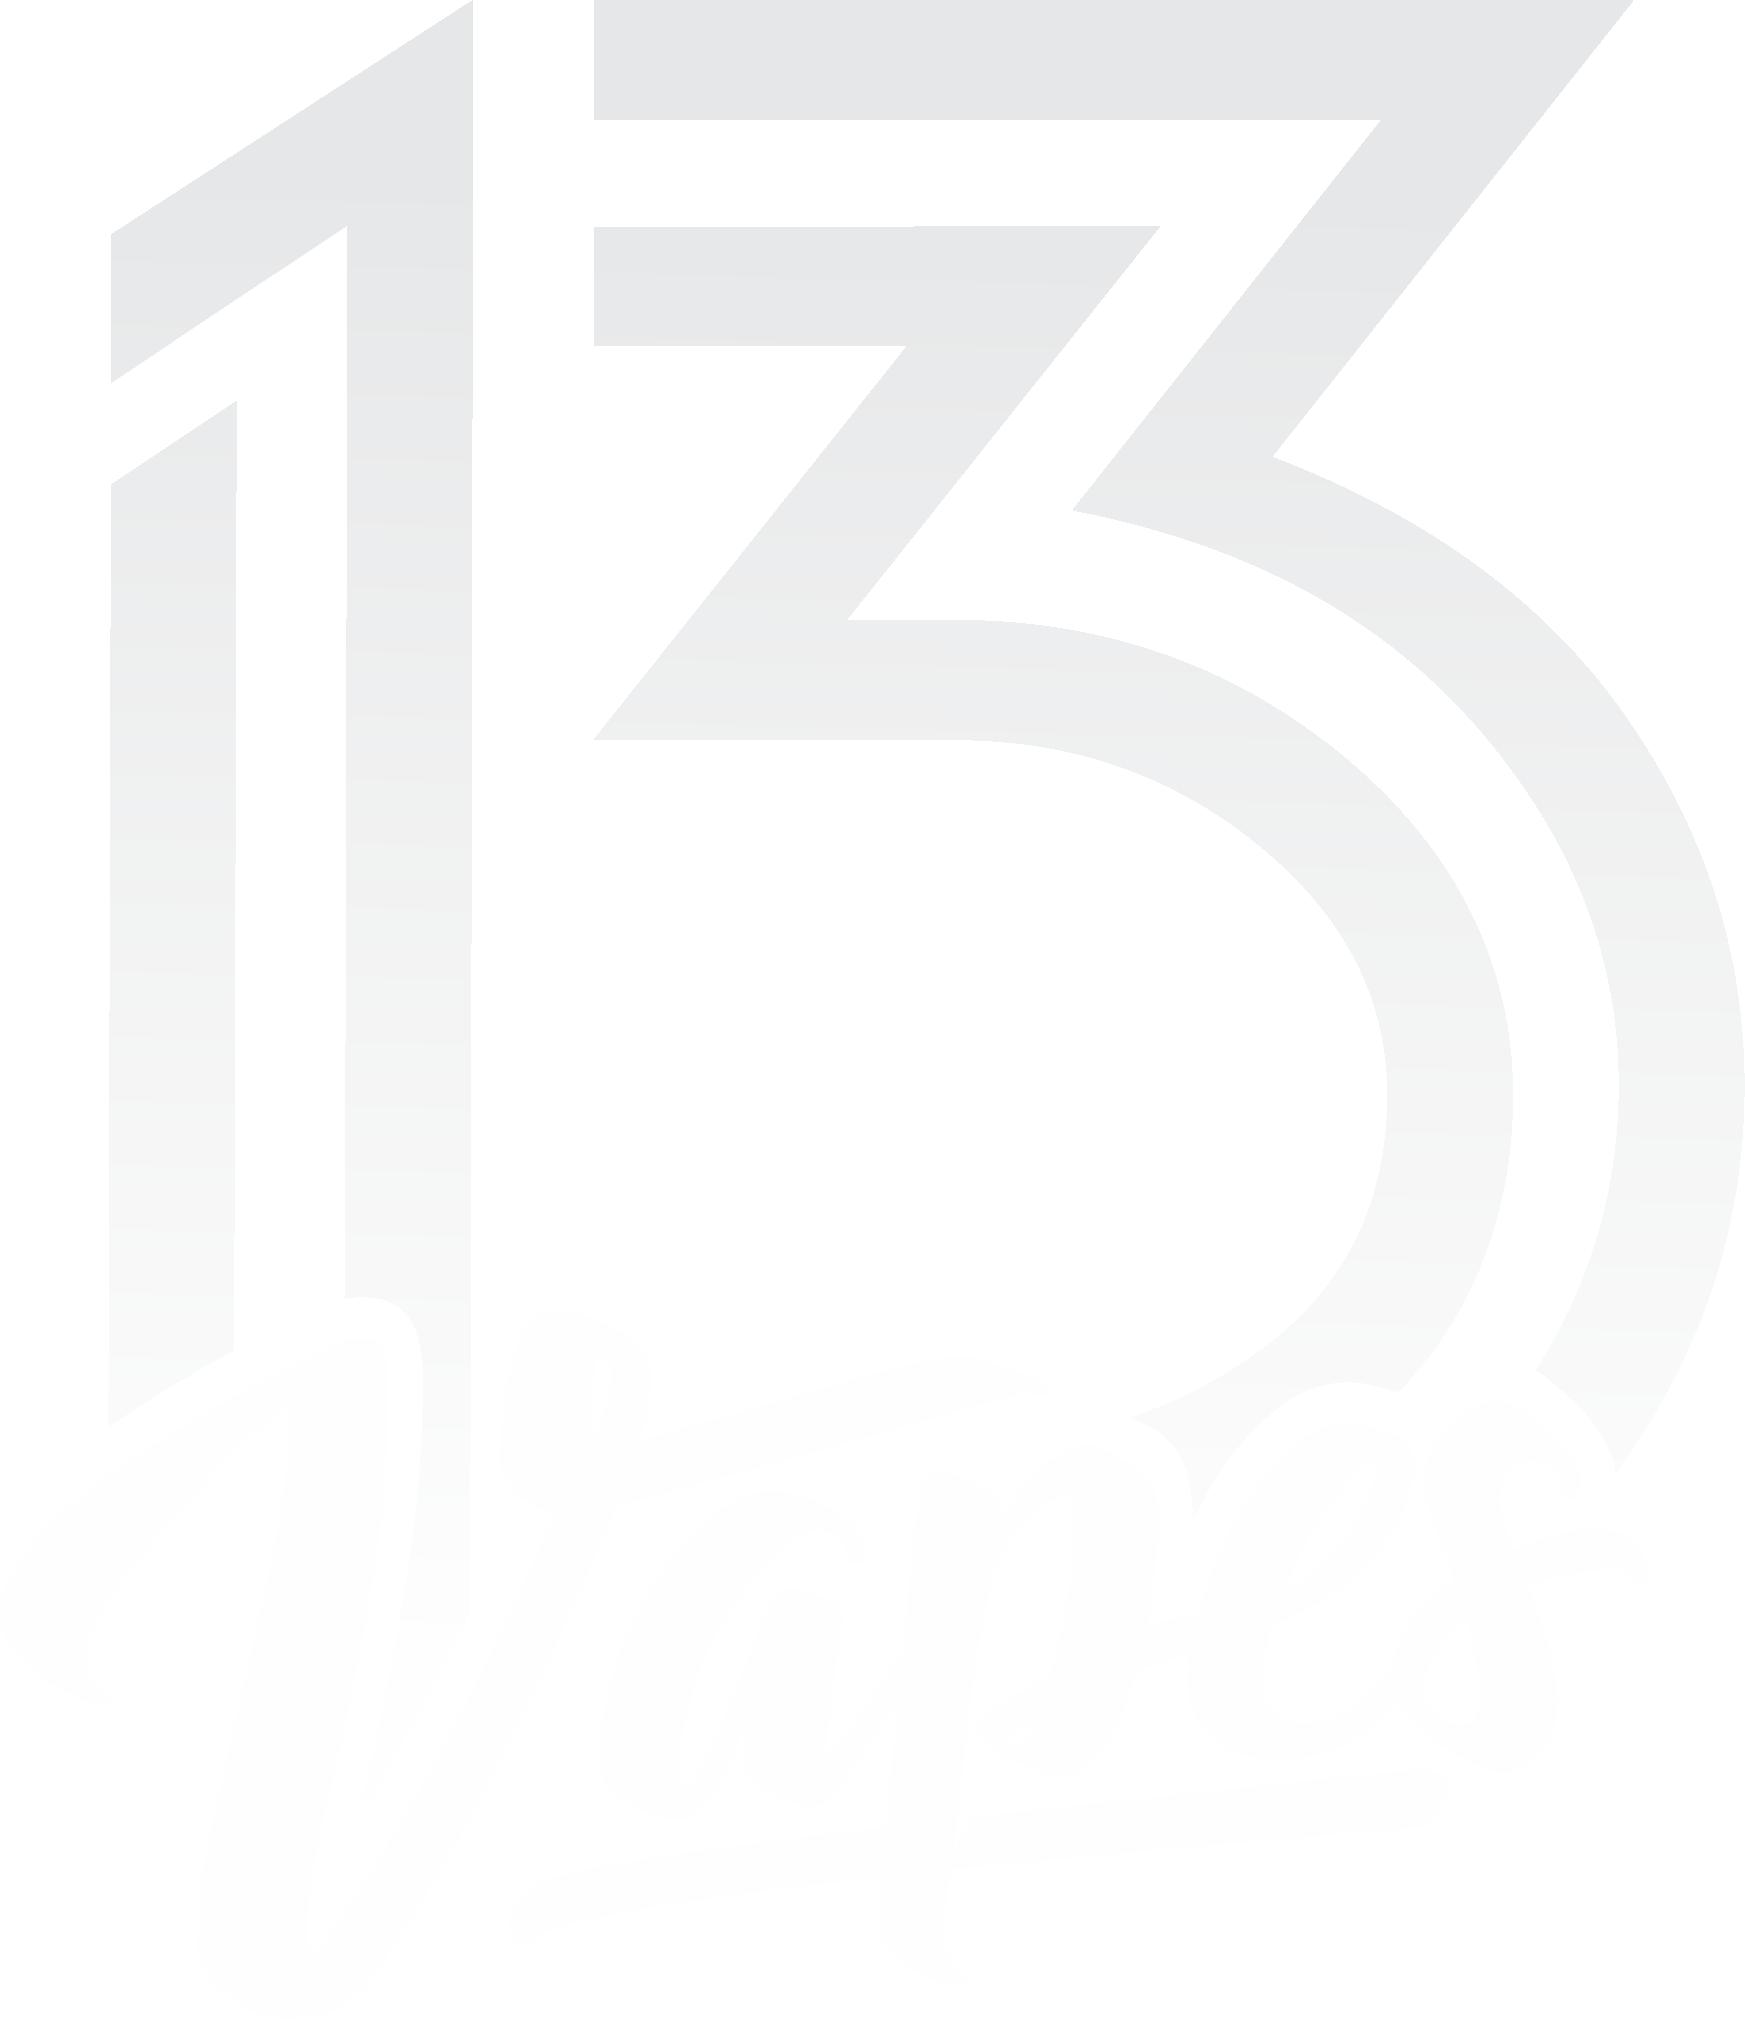 13 Vapes needs a trendy logo!